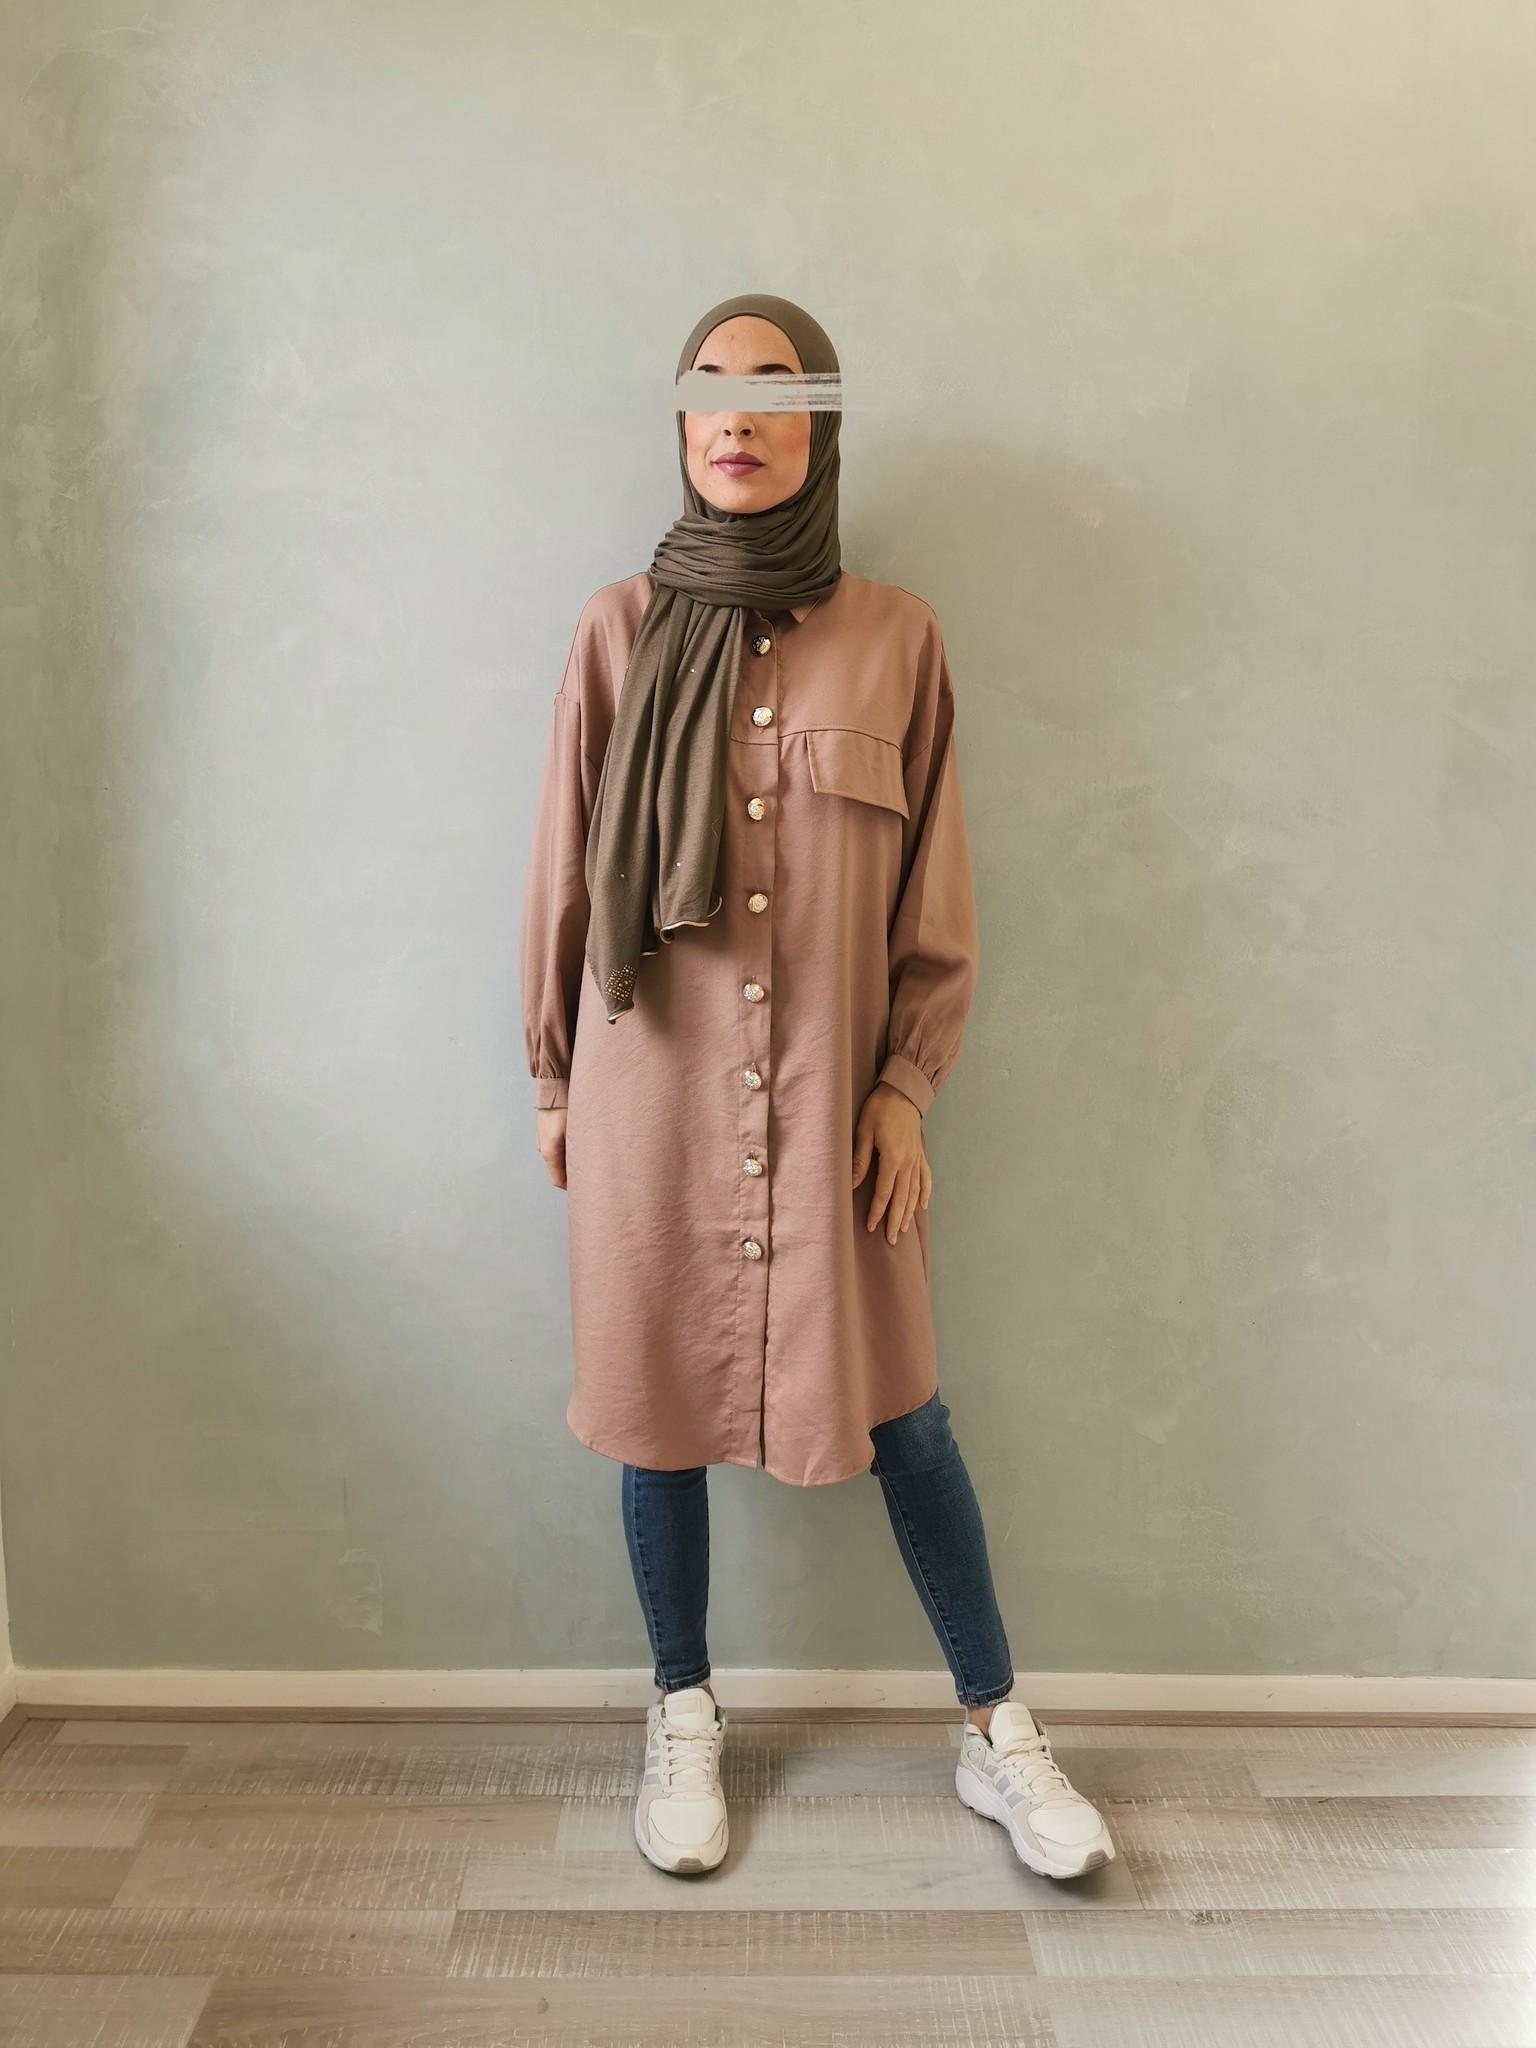 Oversized blouse giusto roze - Copy